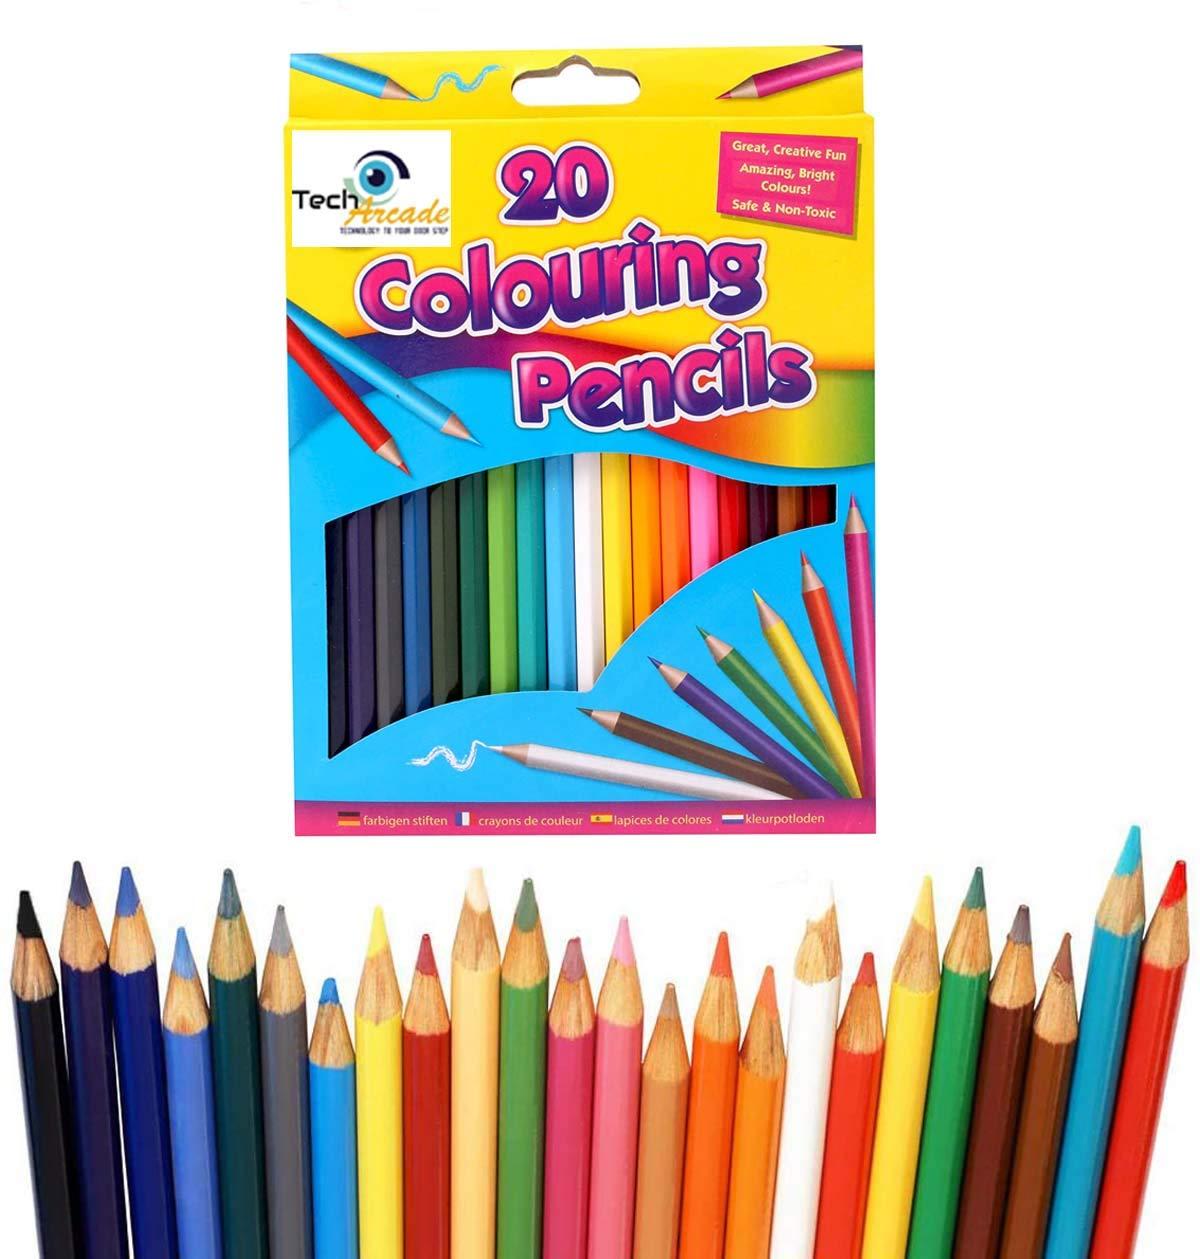 Pack de 20 lápices para colorear grandes para la escuela o el arte de los niños: Amazon.es: Oficina y papelería